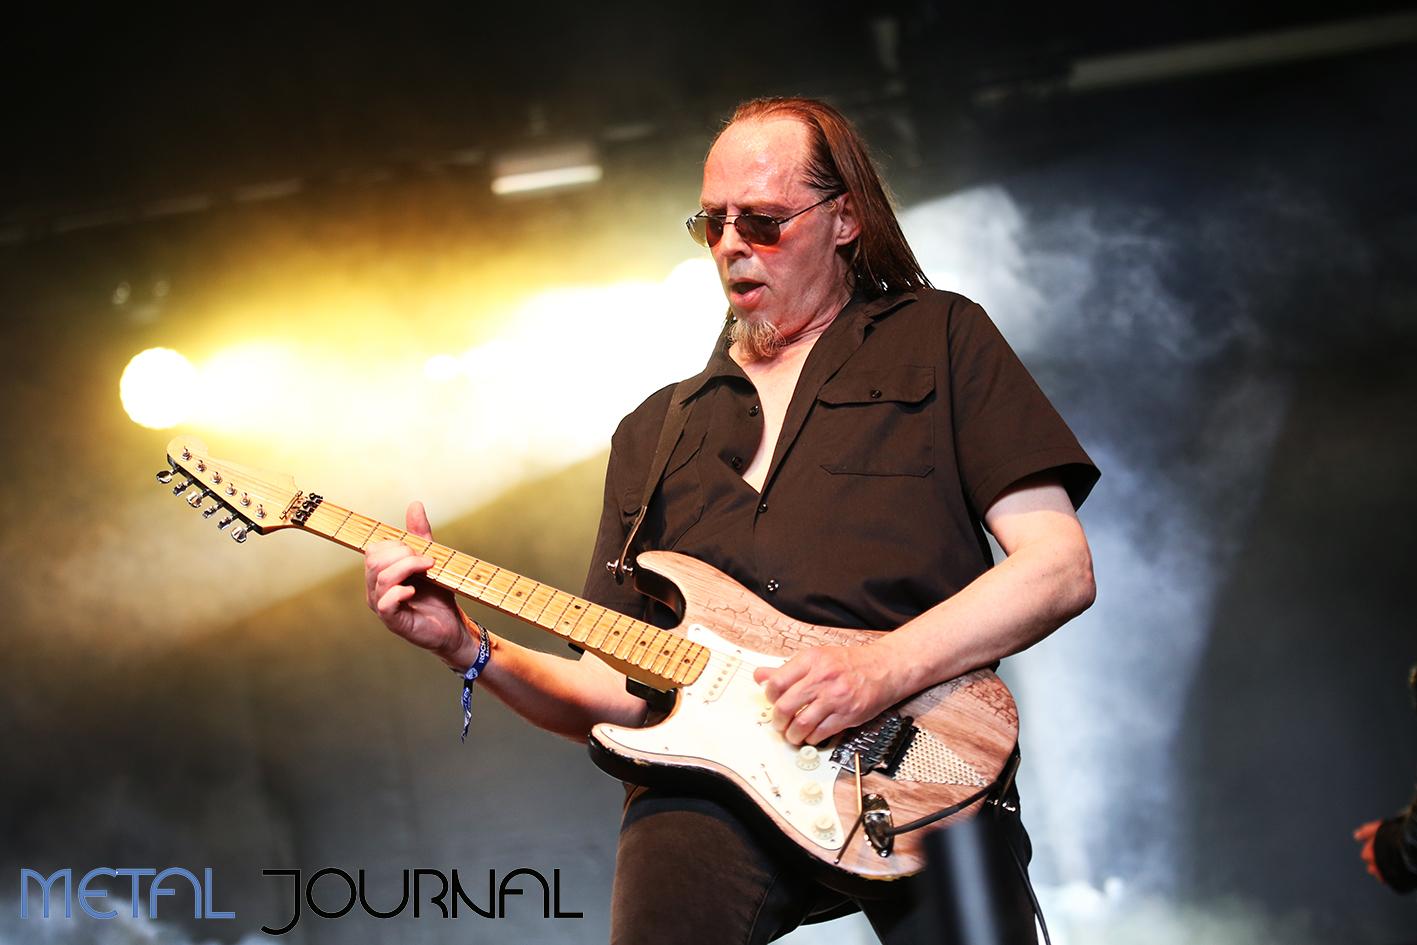 candlemass - metal journal rock fest barcelona 2019 pic 4